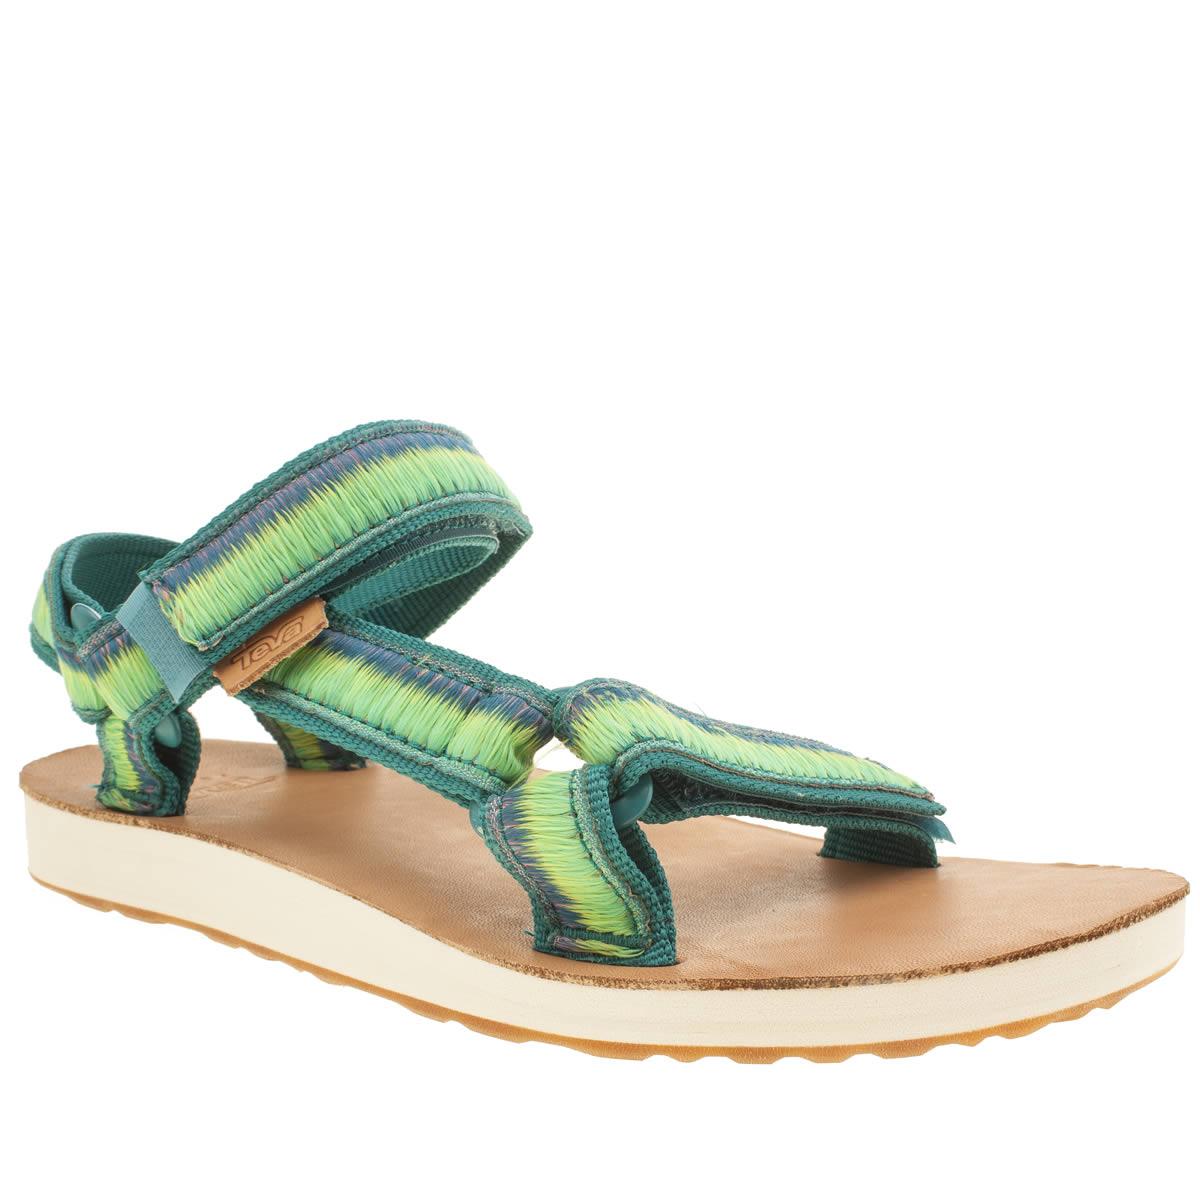 Teva Teva Teal & Green Original Universal Ombre Sandals